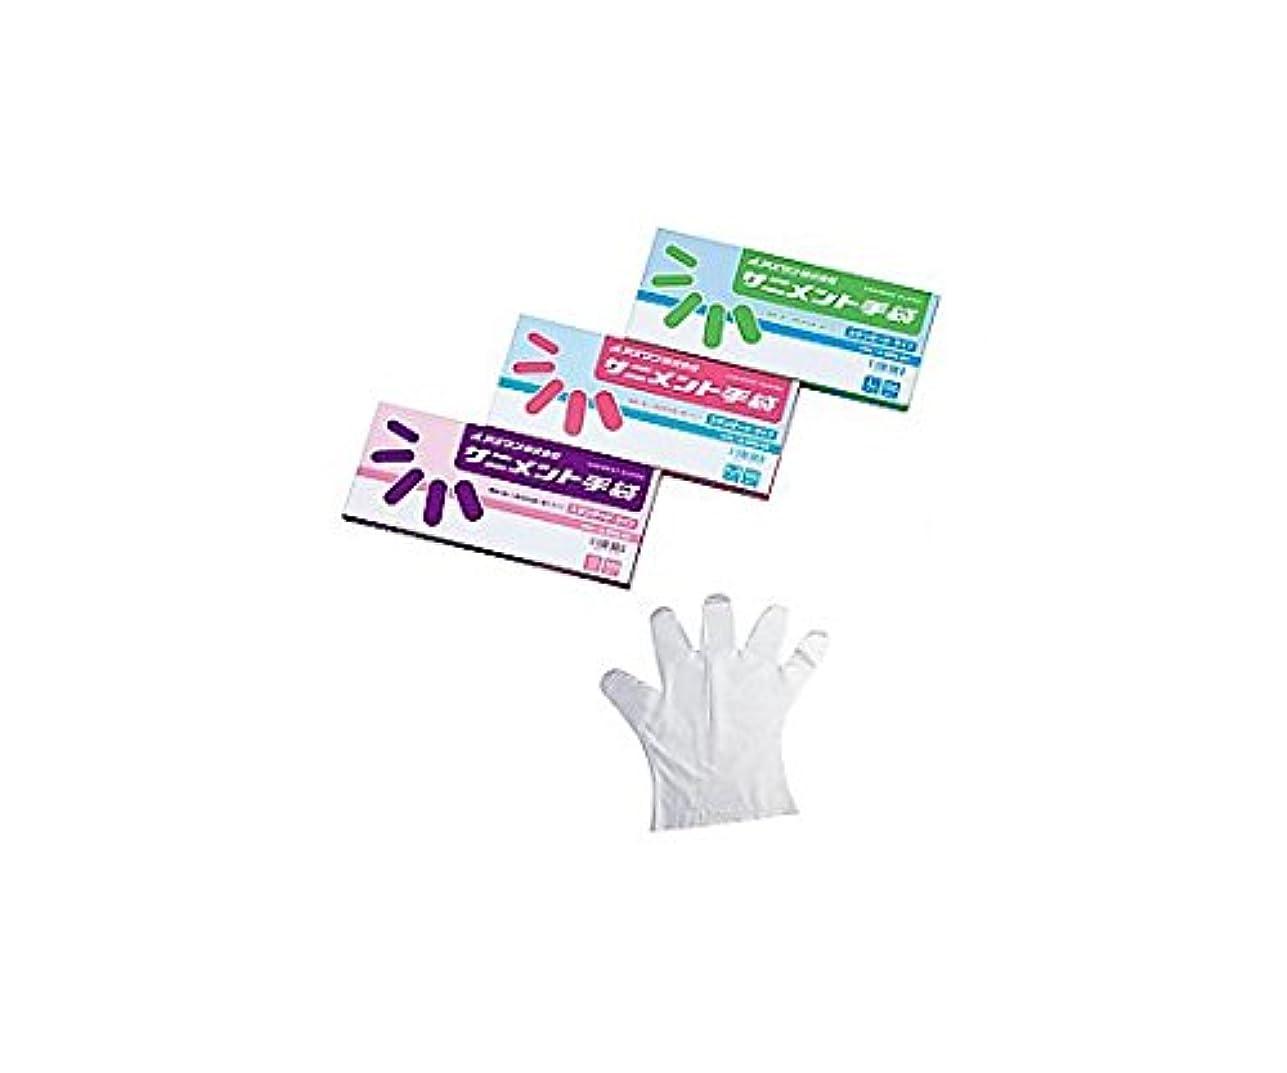 ビット原理自治アズワン9-888-01ラボランサニメント手袋(PE?厚手タイプ)スタンダードL10箱+1箱